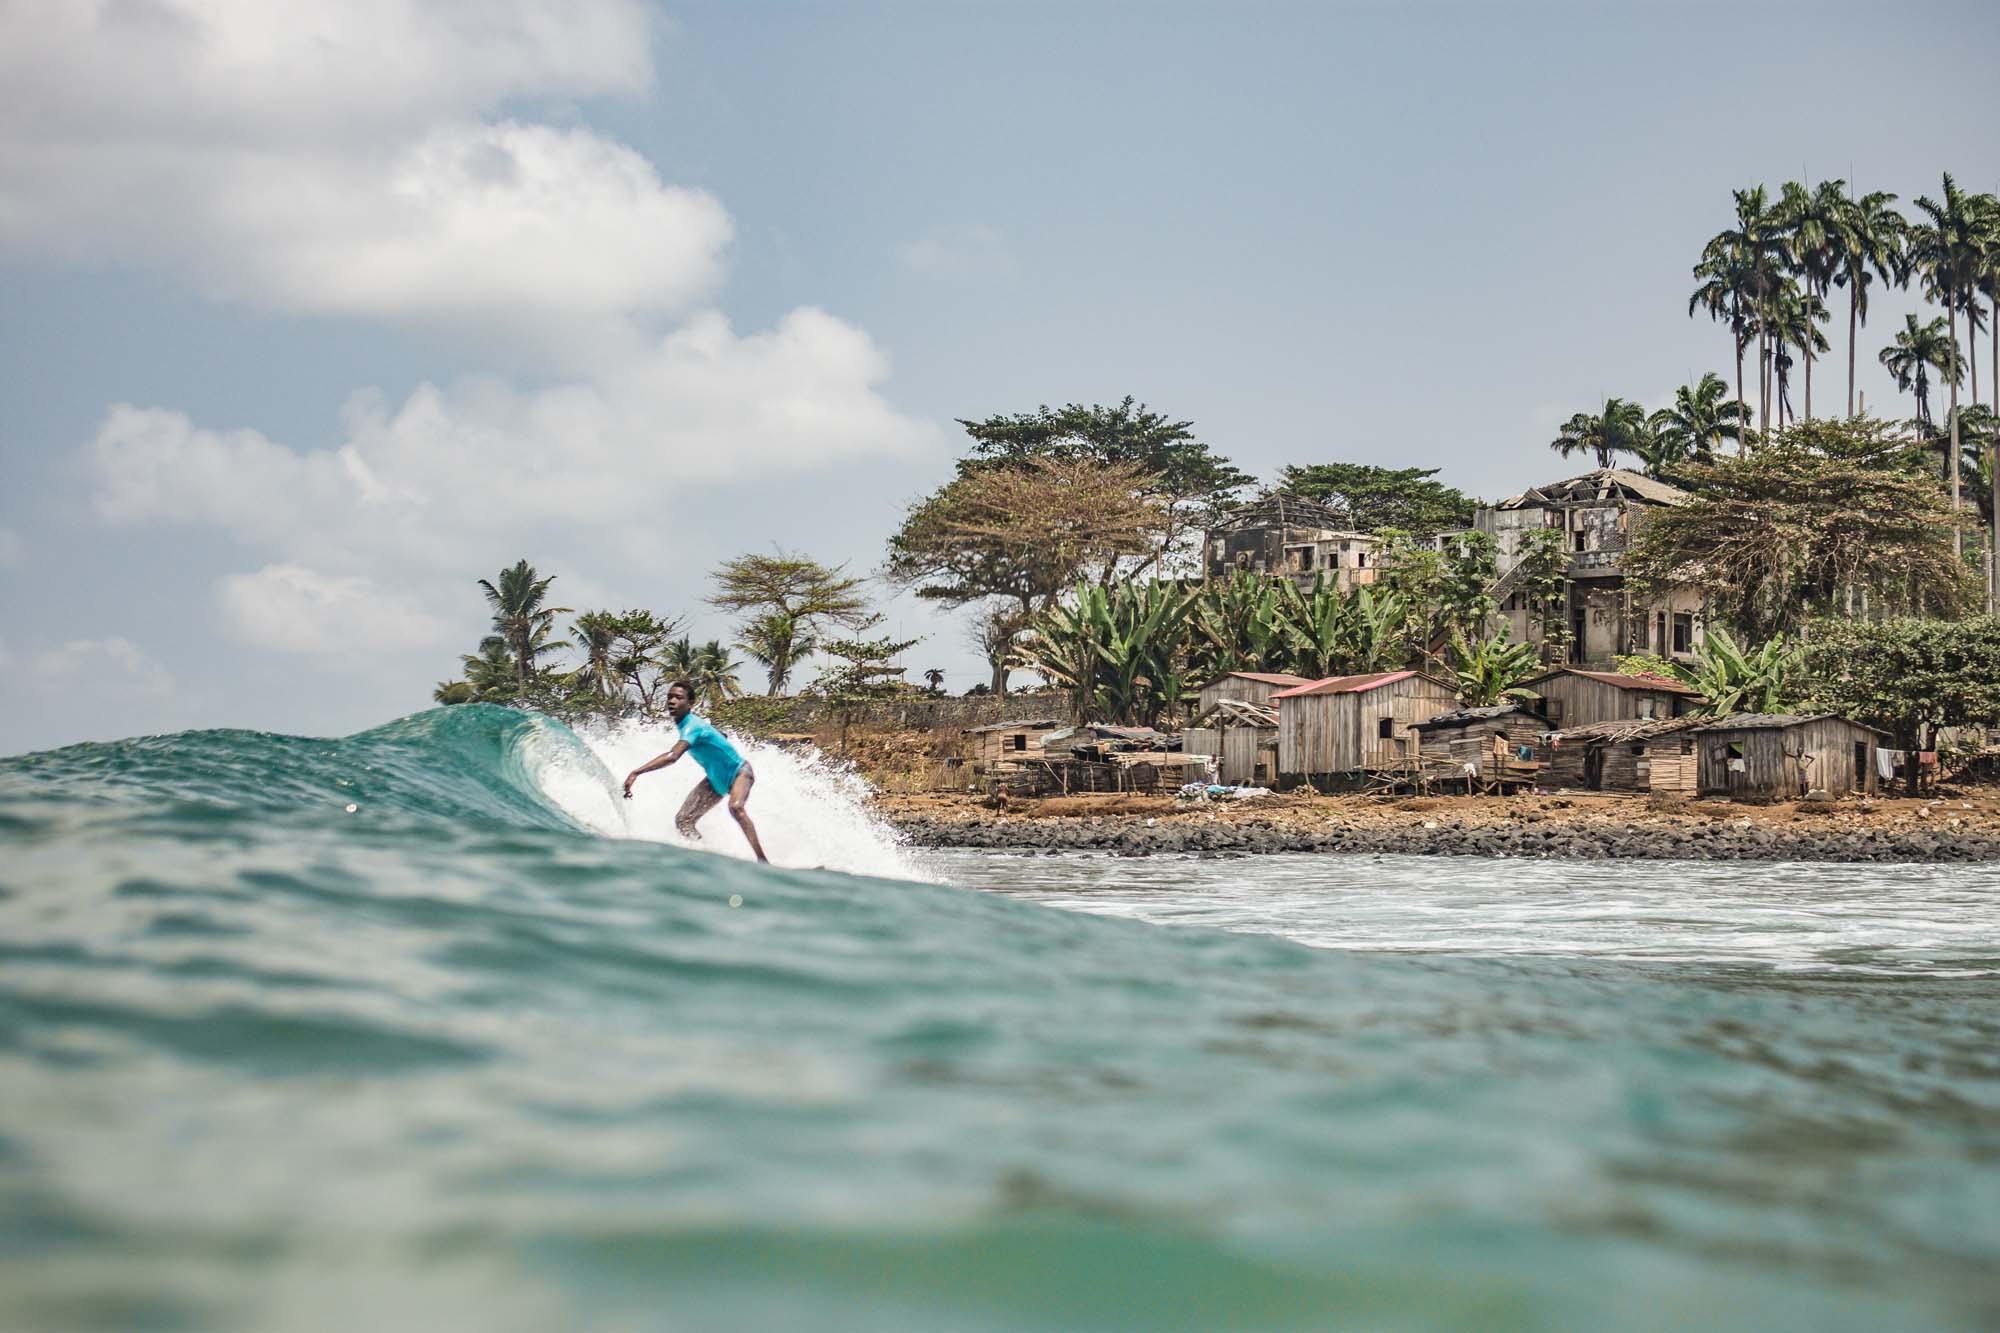 Conheça o Start Zero Zero, projecto visa desenvolver oportunidades económicas na CPLP  através do Surf